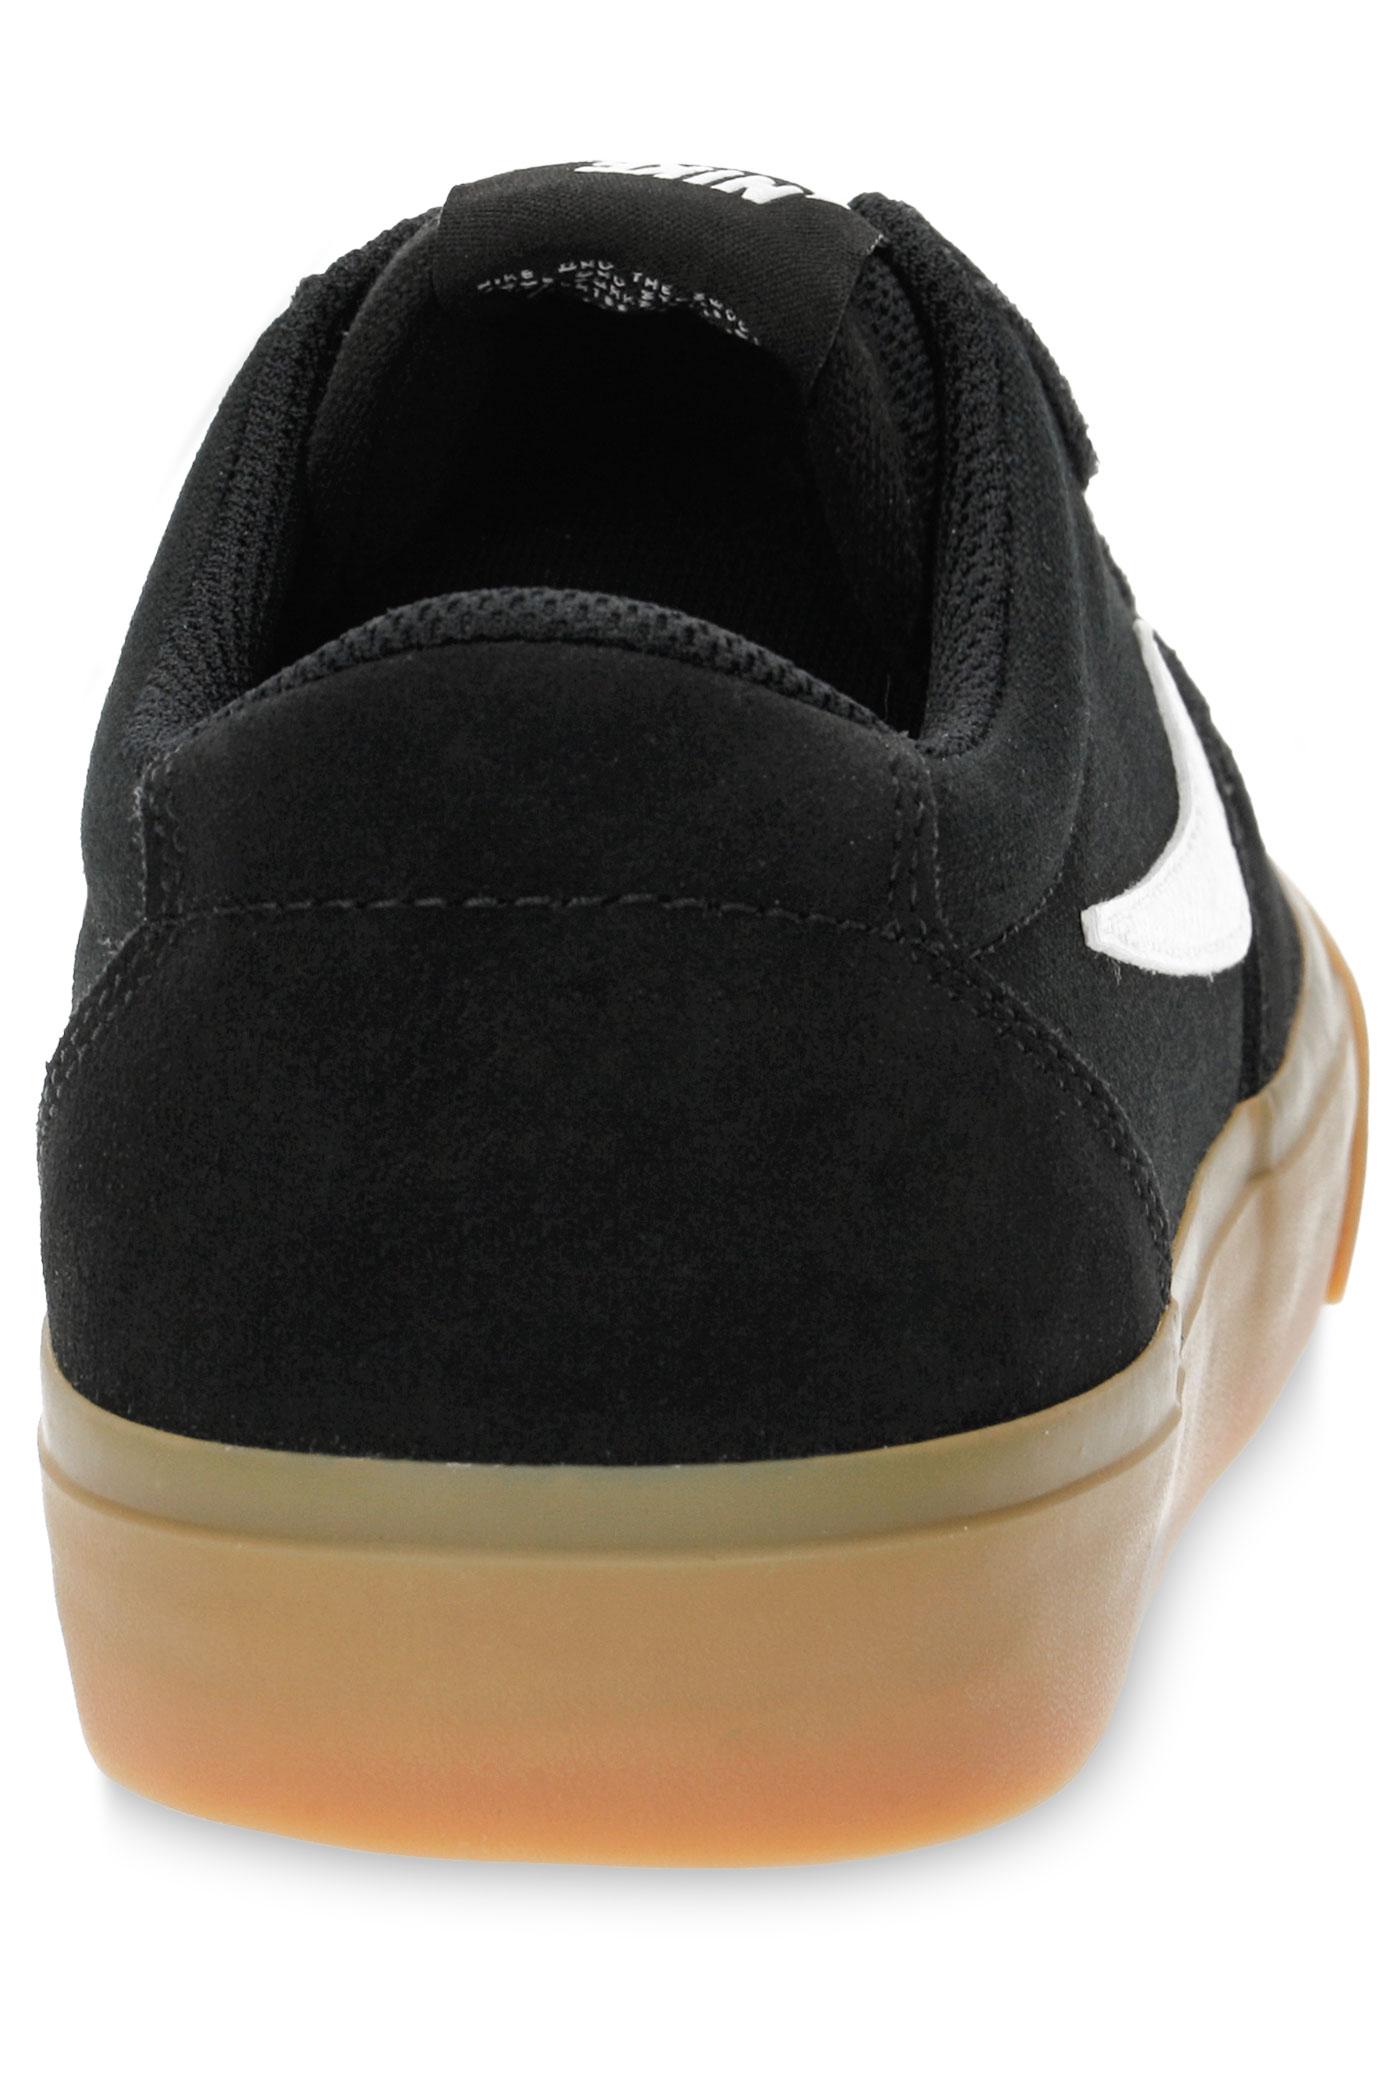 Solarsoft Gum Sb Nike Chron Chaussureblack White CthsQrd